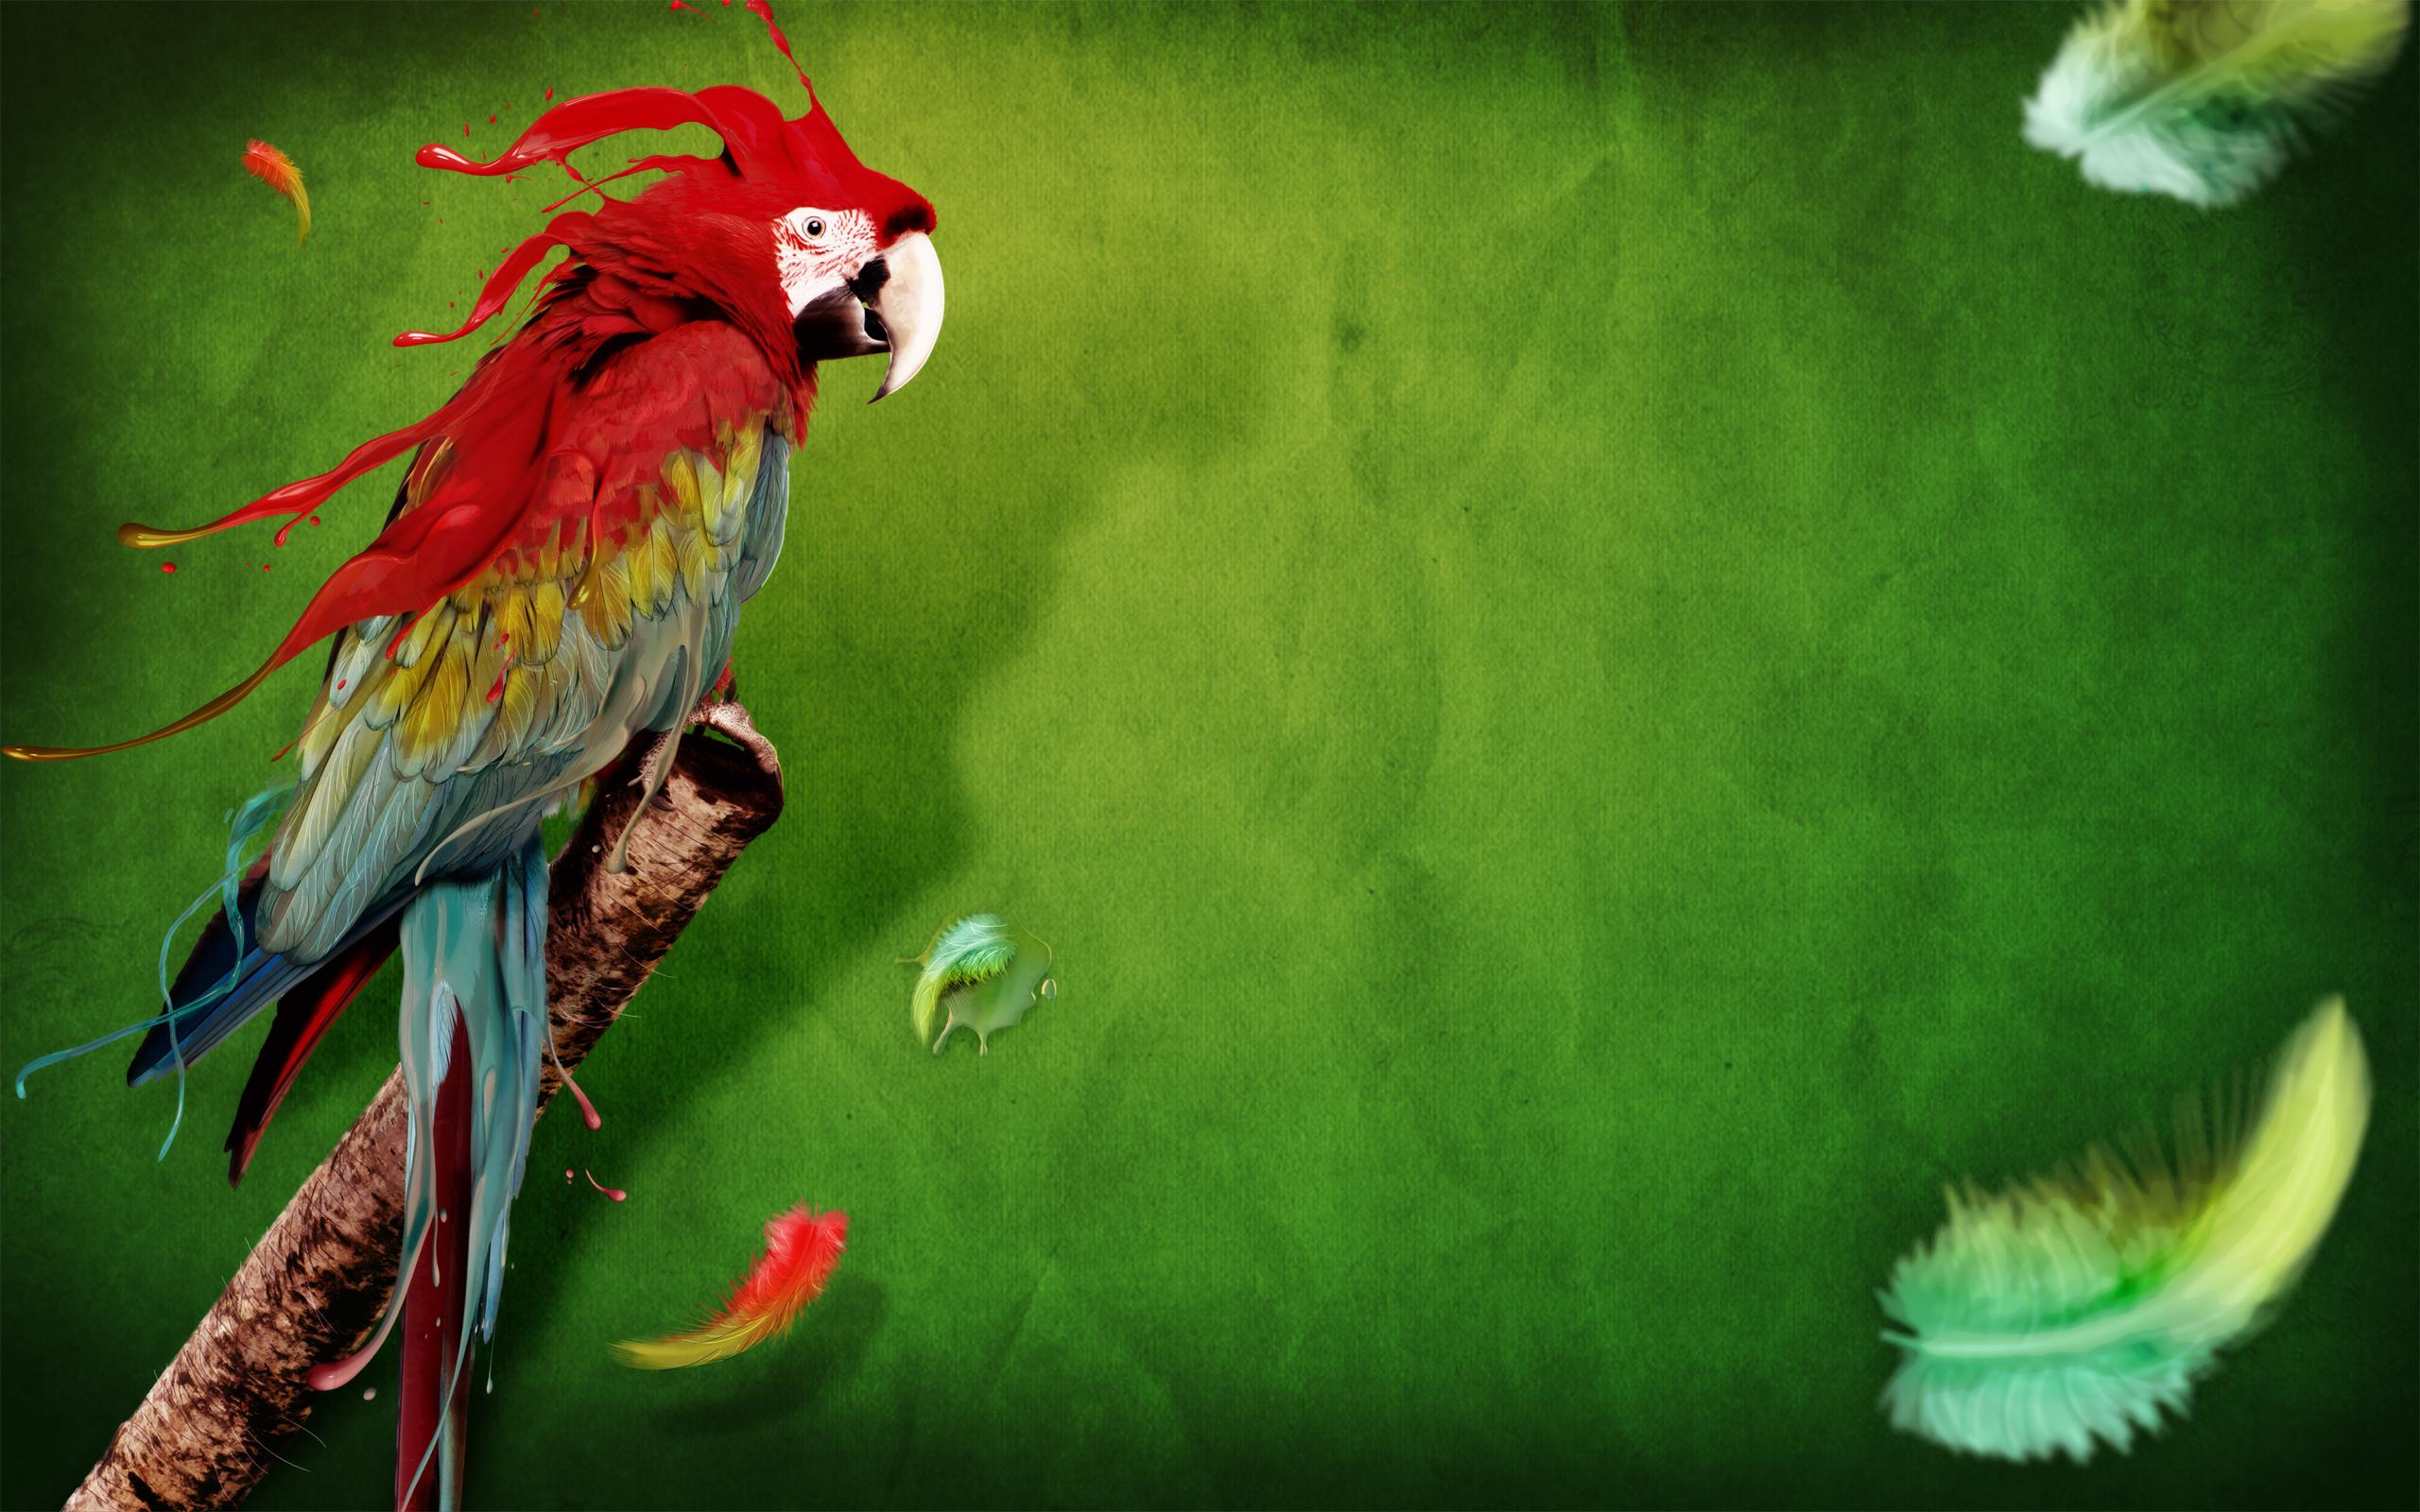 hd parrot wallpaper wallpapersafari